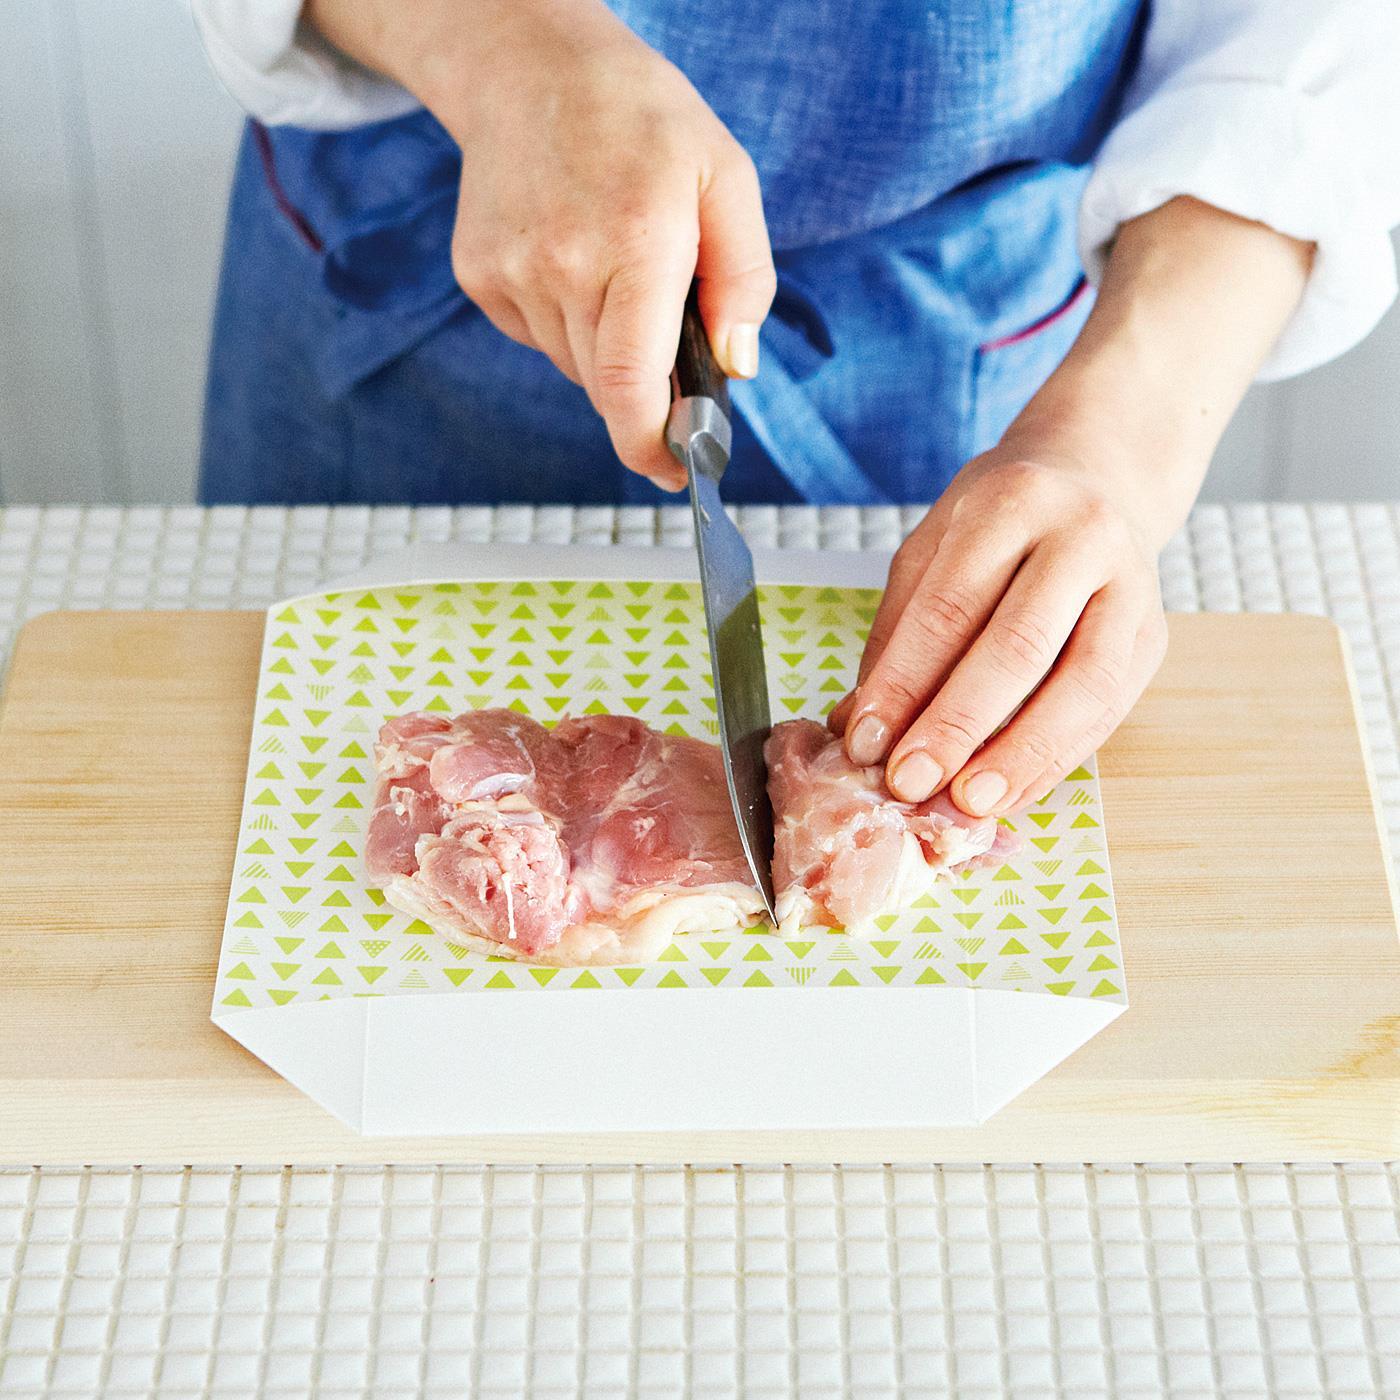 フェリシモ 下ごしらえスムーズ 洗い物が減ってうれしい 箱に変身! まな板シートの会【定期便】